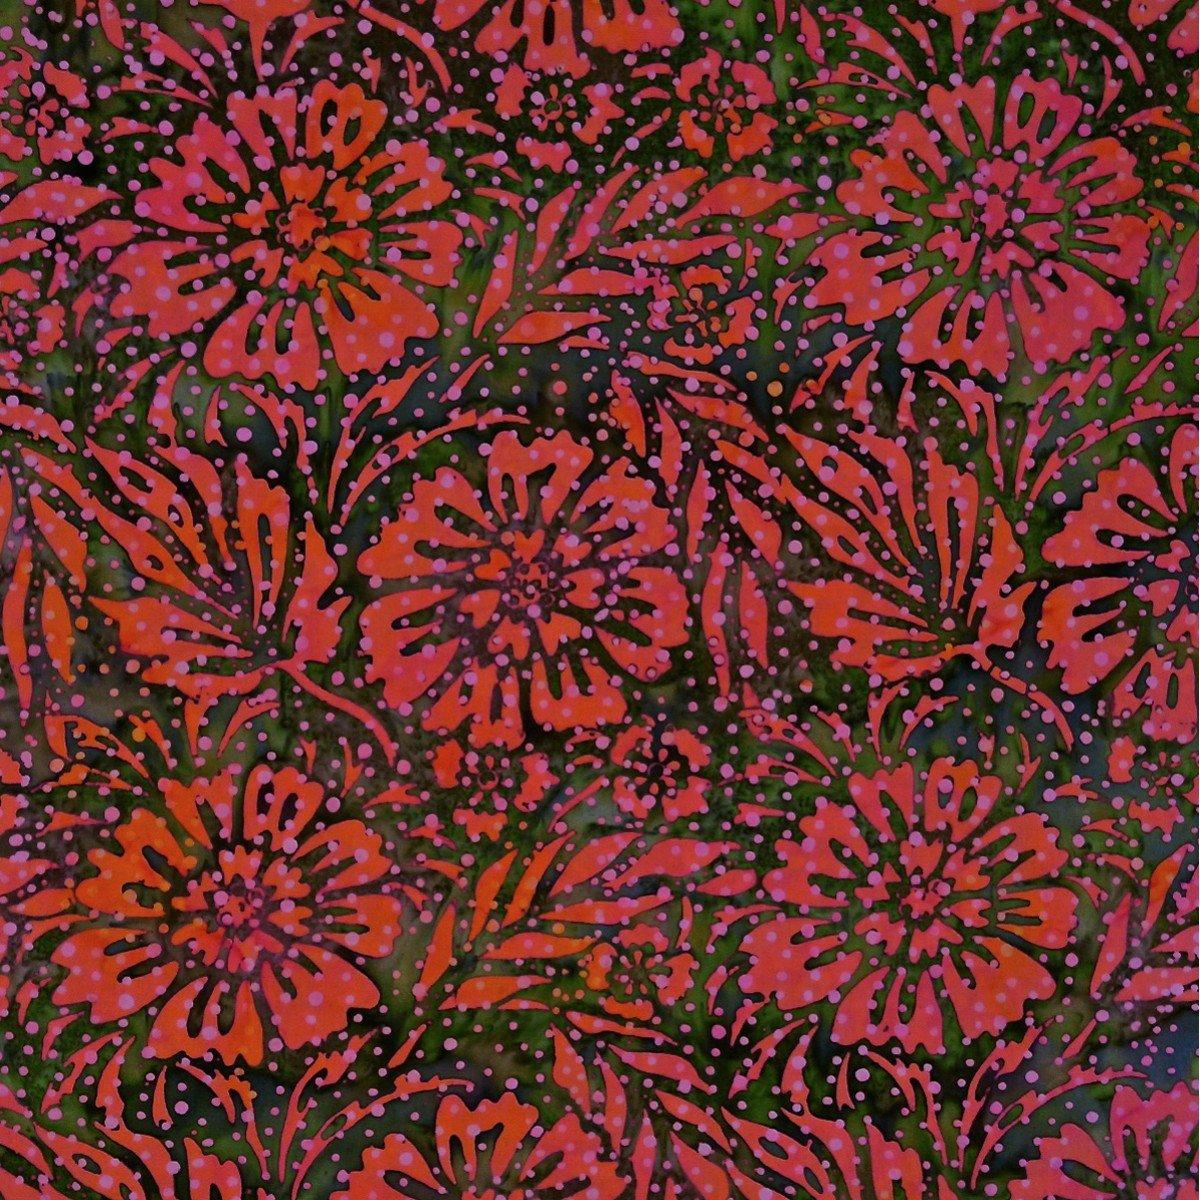 Batik by Mirah - Bazaar - red flowers on green